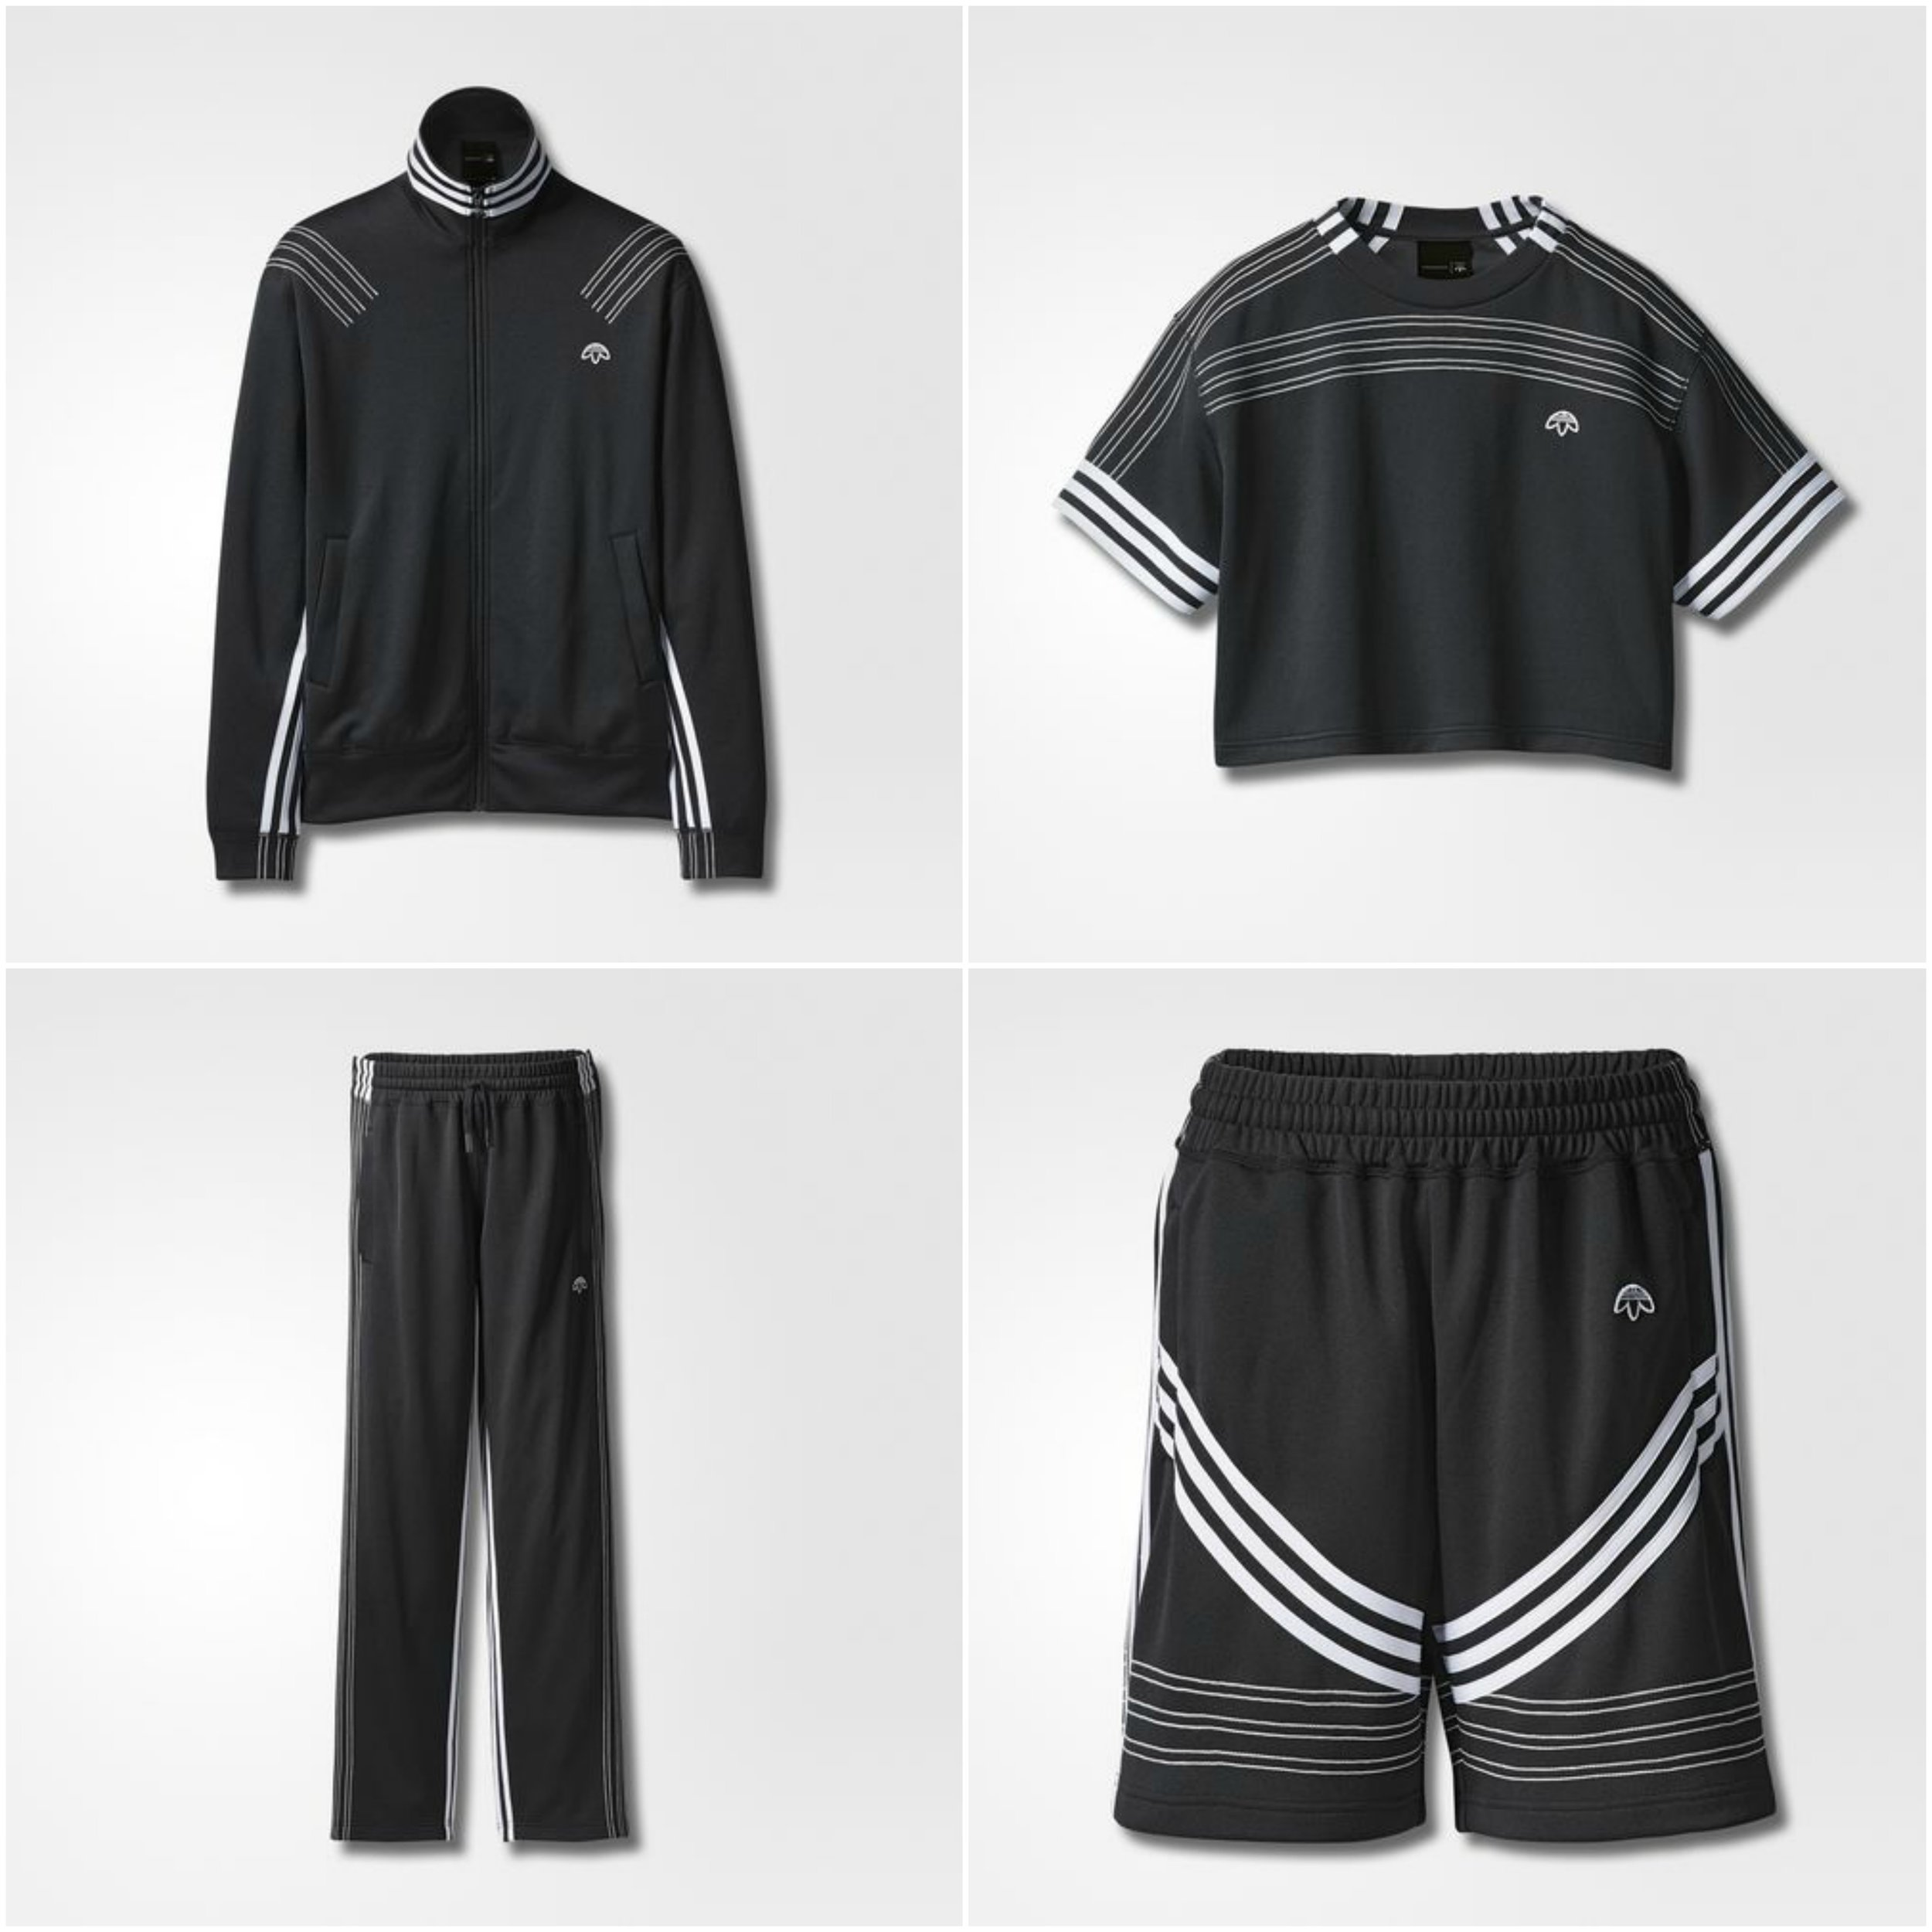 juego construcción Penélope  Alexander Wang x adidas Originals Online Links — Sneaker Shouts